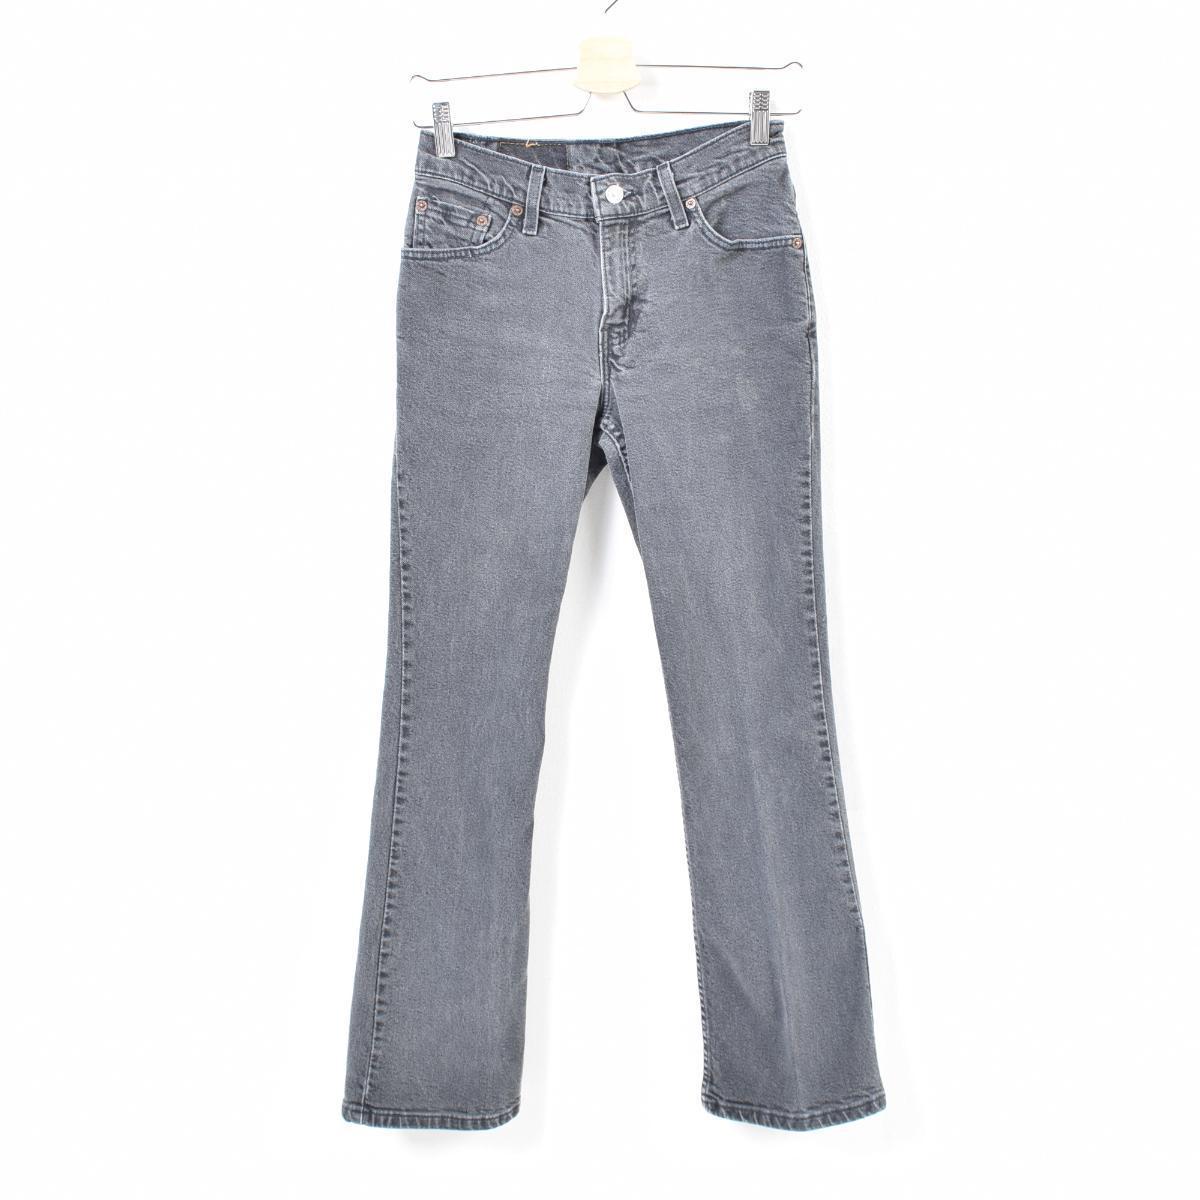 9316215153c Levis Levi's 517 BOOT CUT SLIM FIT bootcut jeans black denim underwear  Lady's M(w26 ...